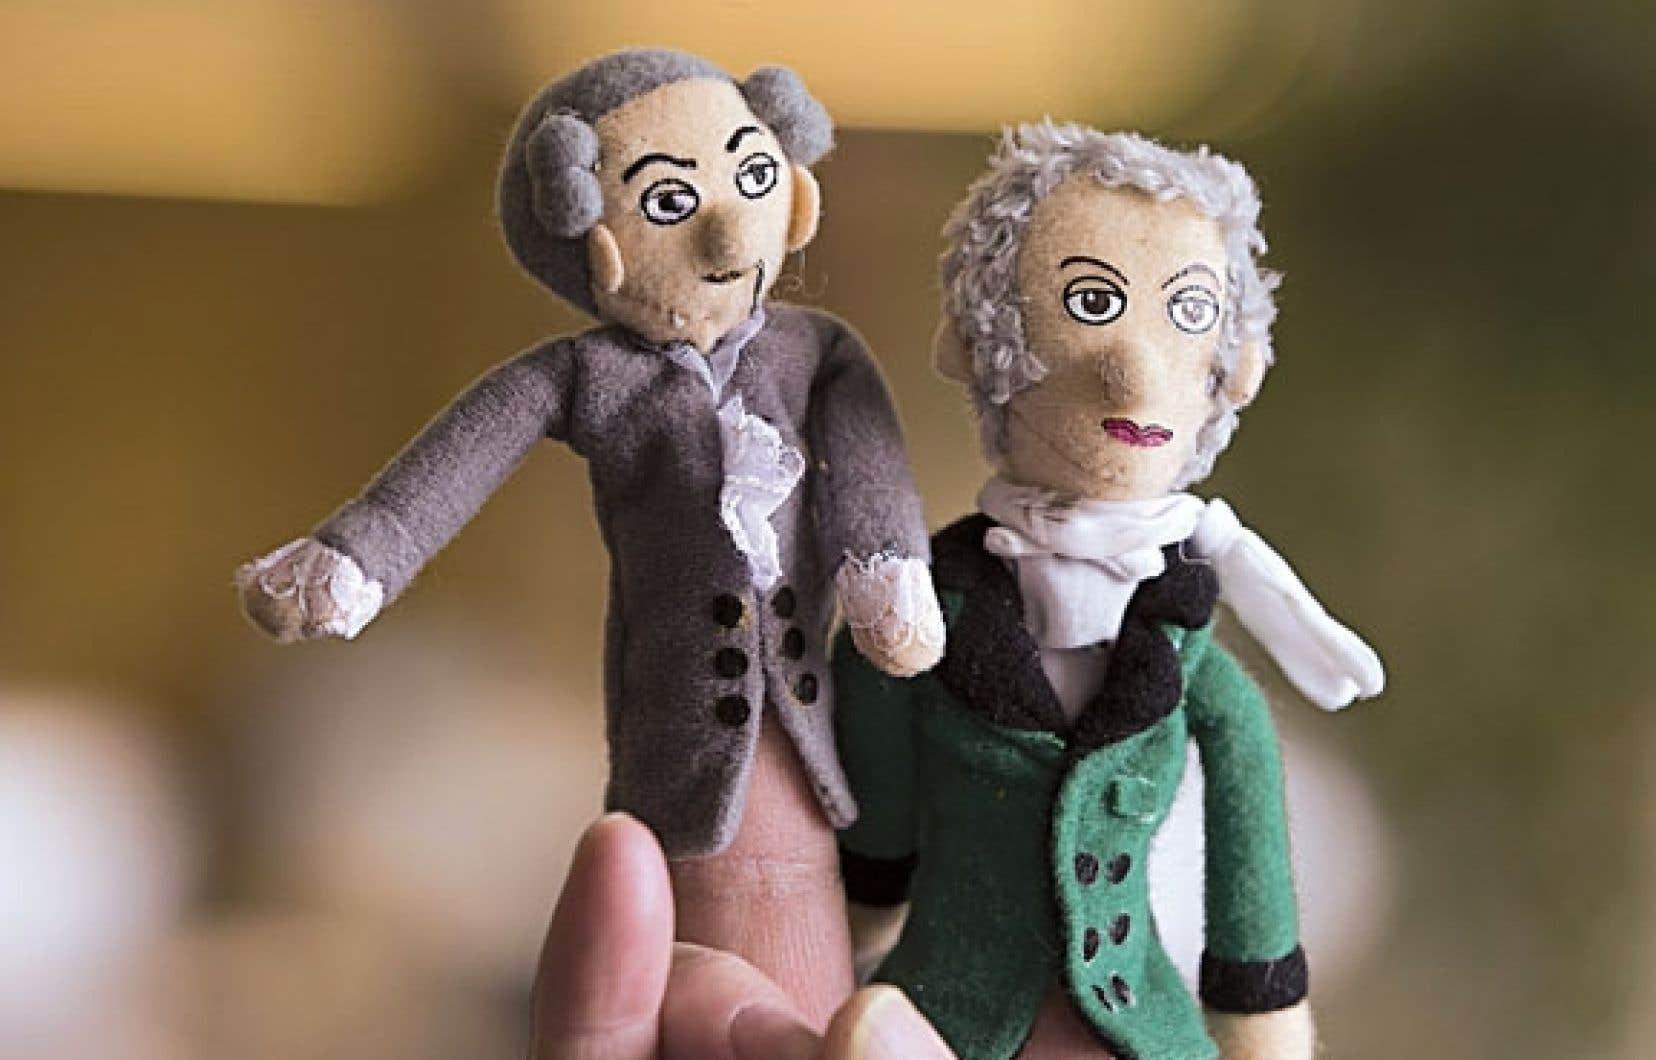 Des géants de la philosophie allemande en petits formats. À droite, la marionnette de doigt de Hegel, à gauche, celle de Kant qui disait : « Penserions-nous beaucoup et penserions-nous bien si nous ne pensions pas pour ainsi dire en commun avec d'autres ? »